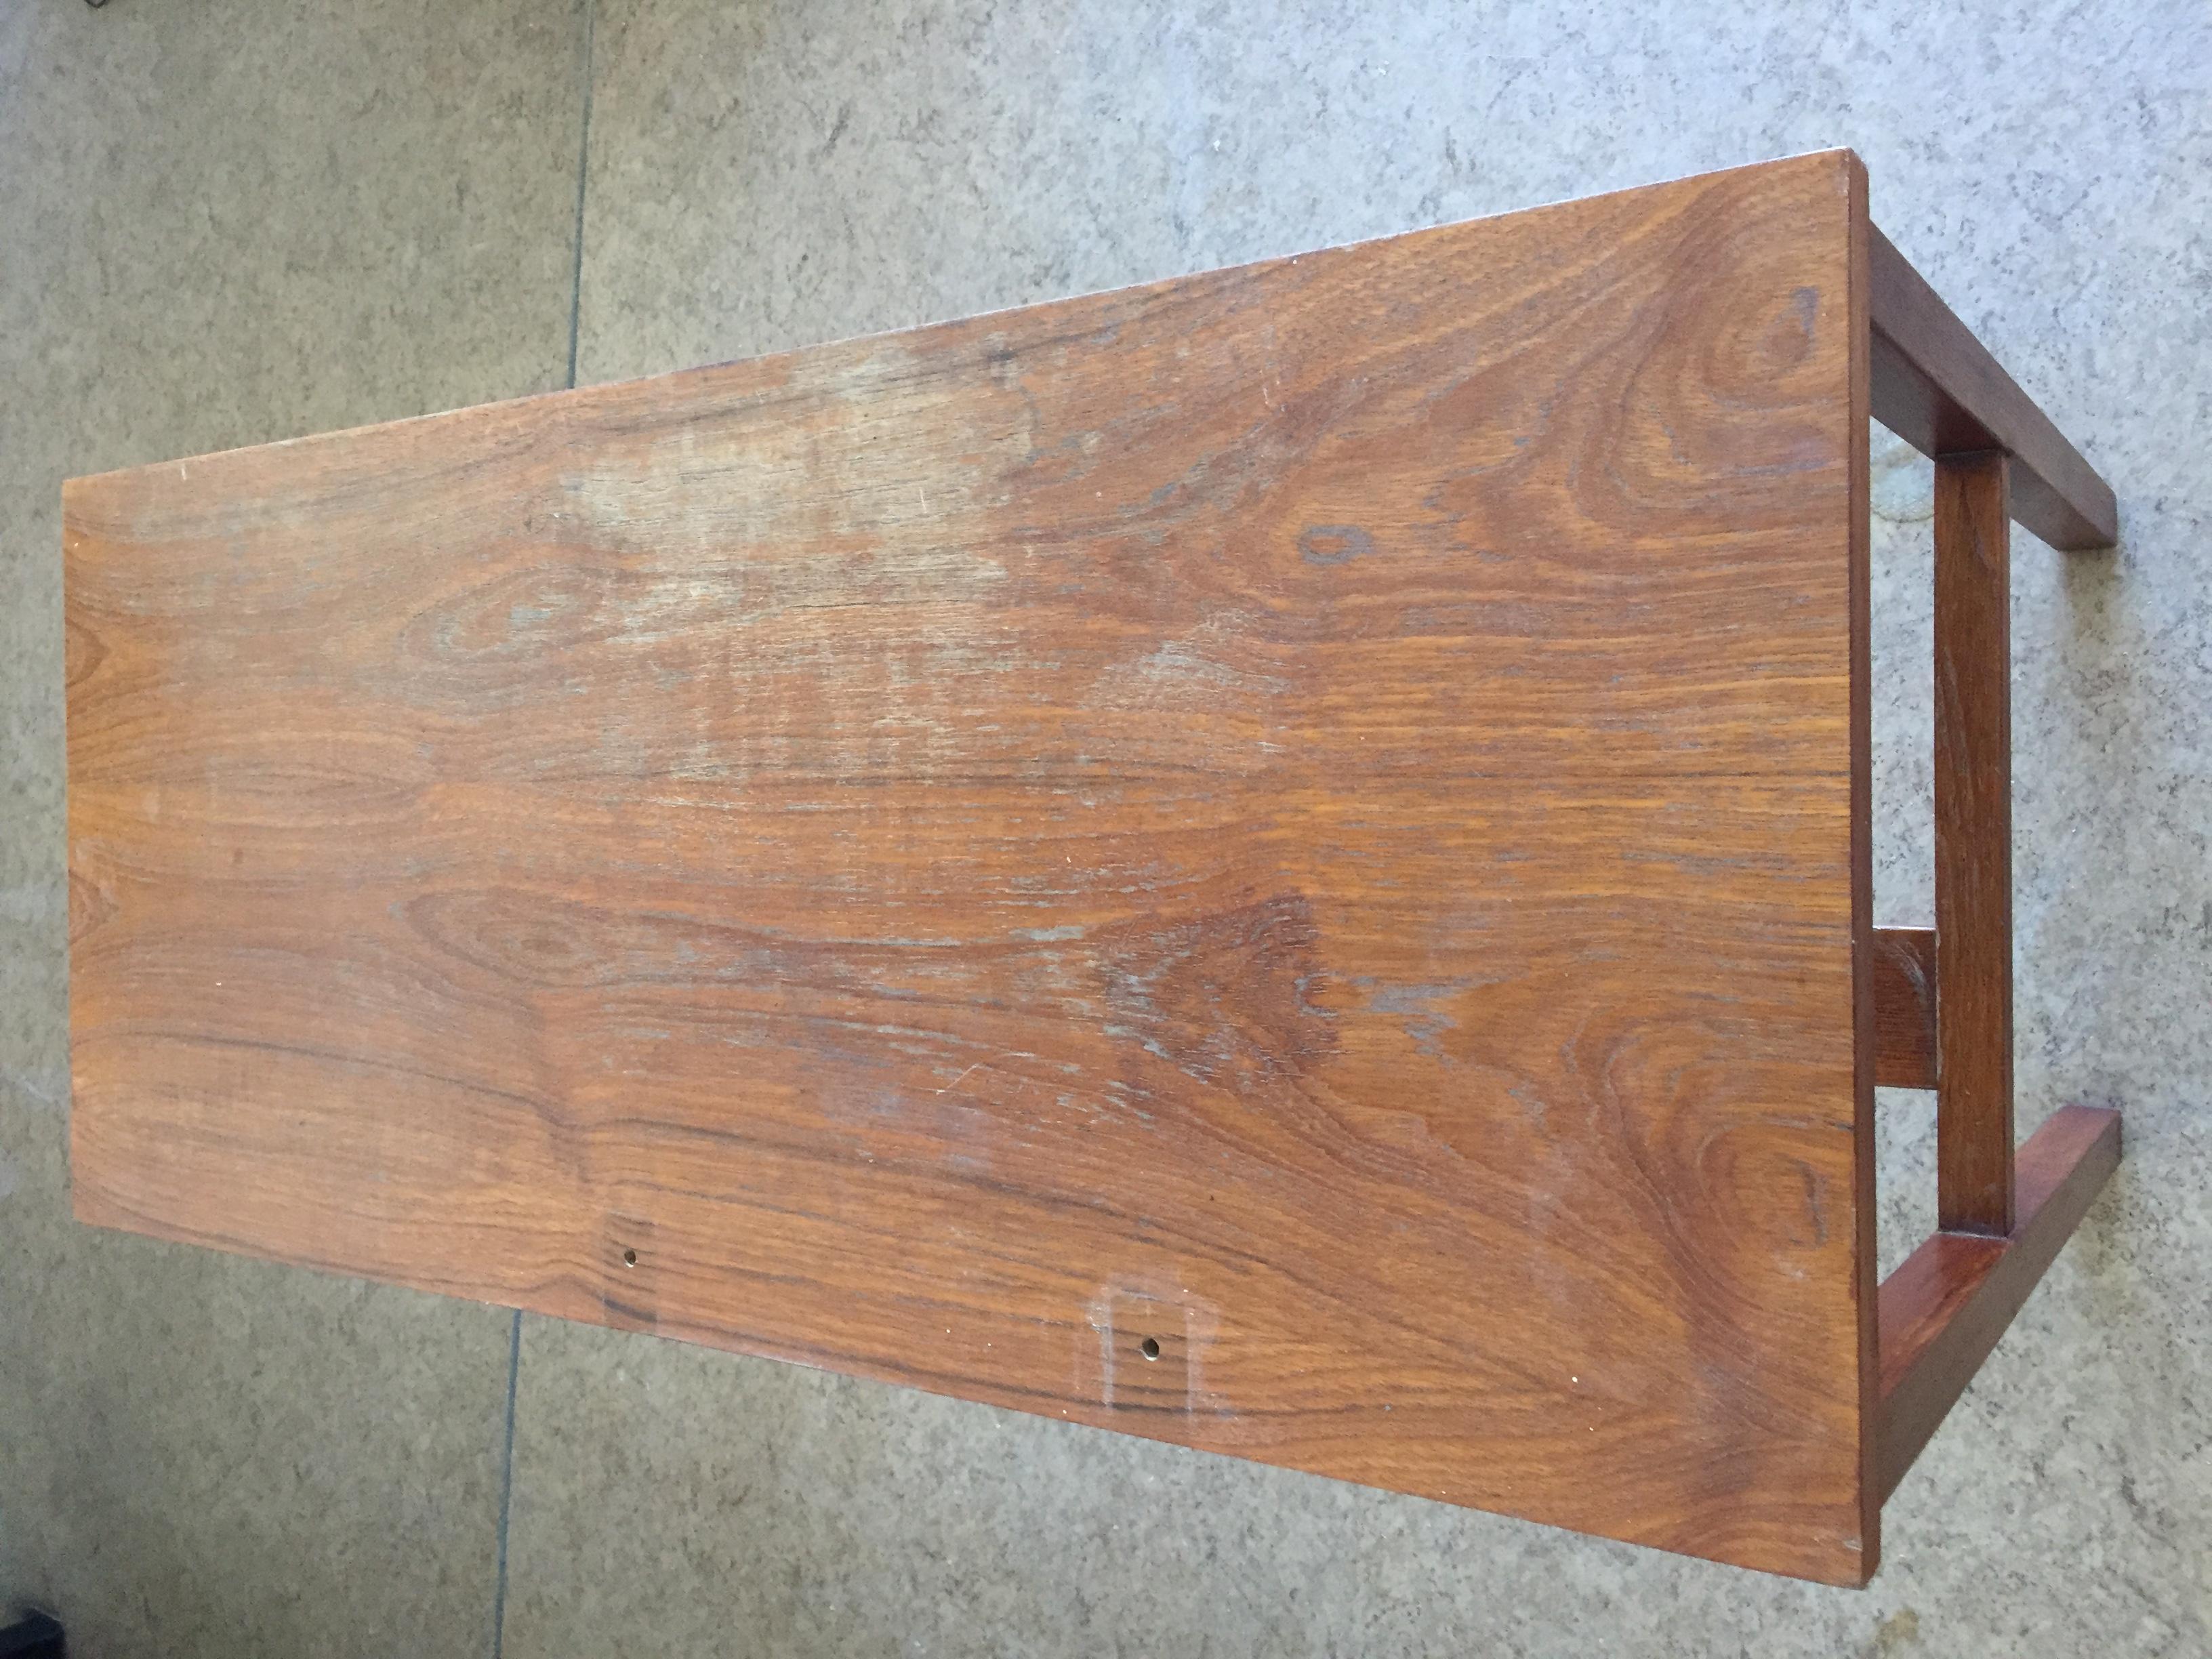 Peilipöydän pintakäsittelyä elvytettiin.